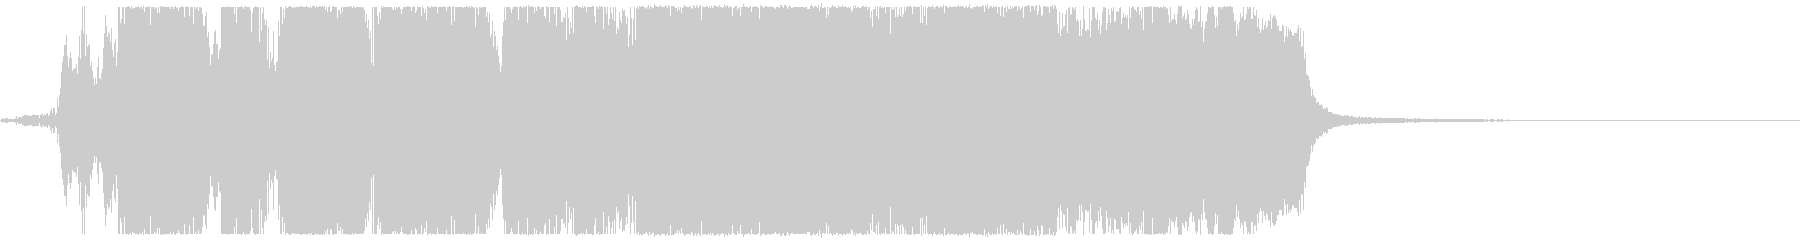 威厳のある金管5重奏のファンファーレの未再生の波形